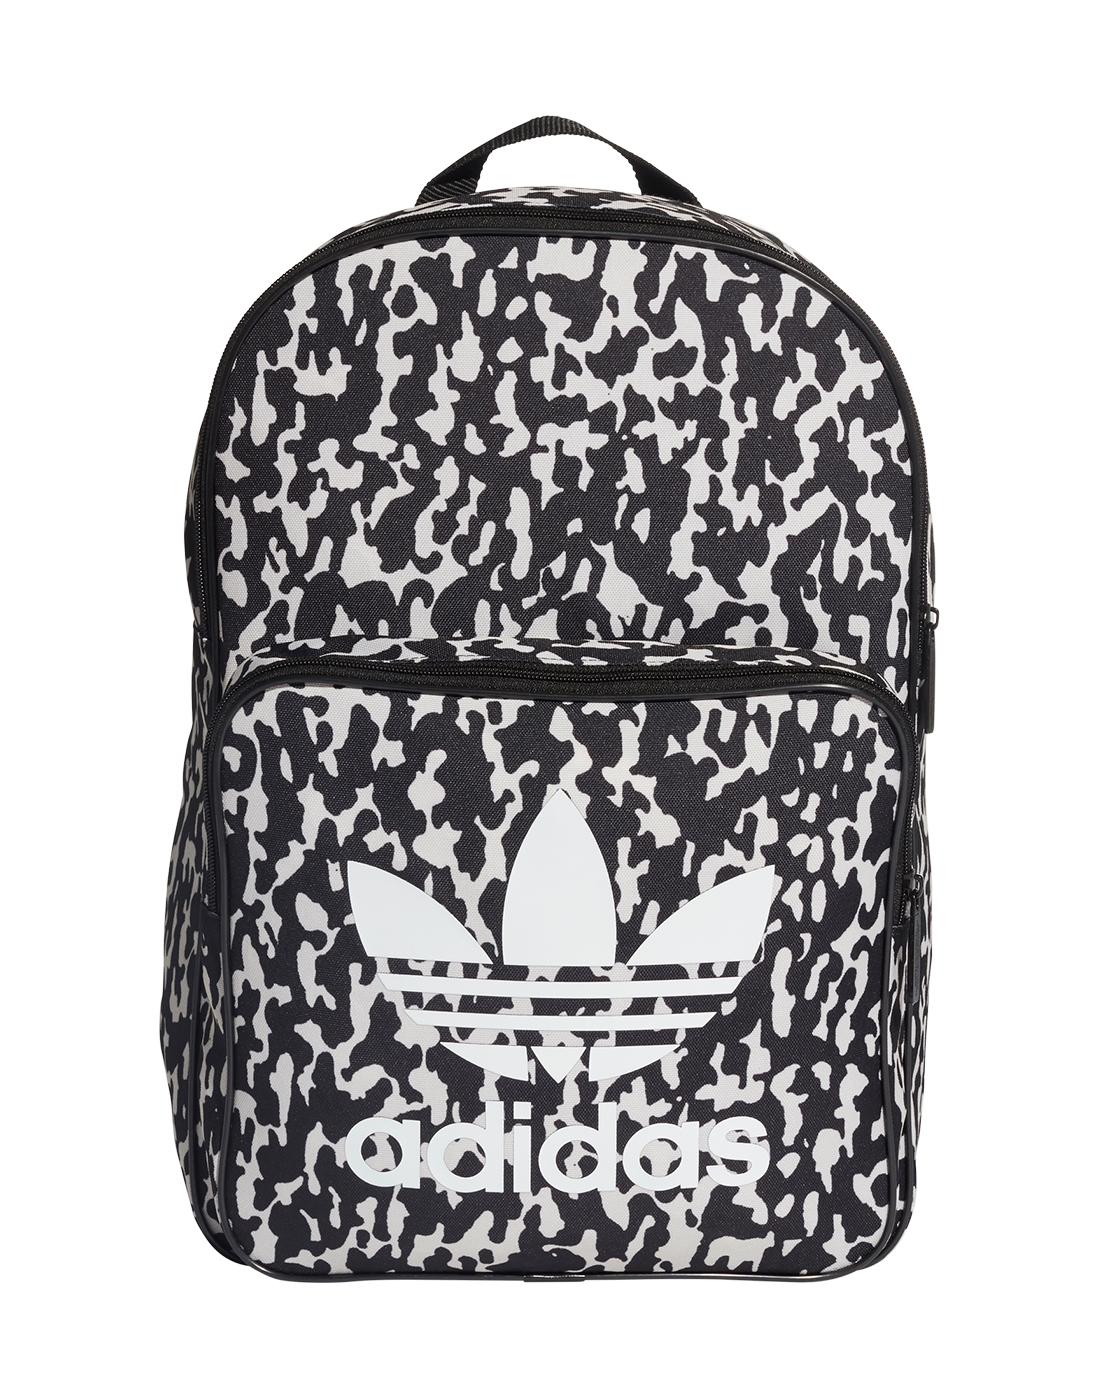 1ed820199d adidas Originals Classic Leopard Backpack